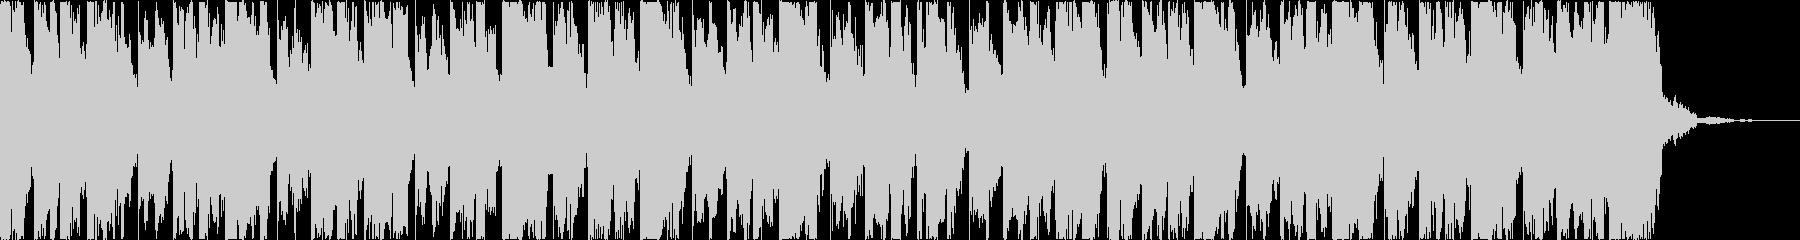 チルアウトおしゃれなトロピカルハウスcの未再生の波形